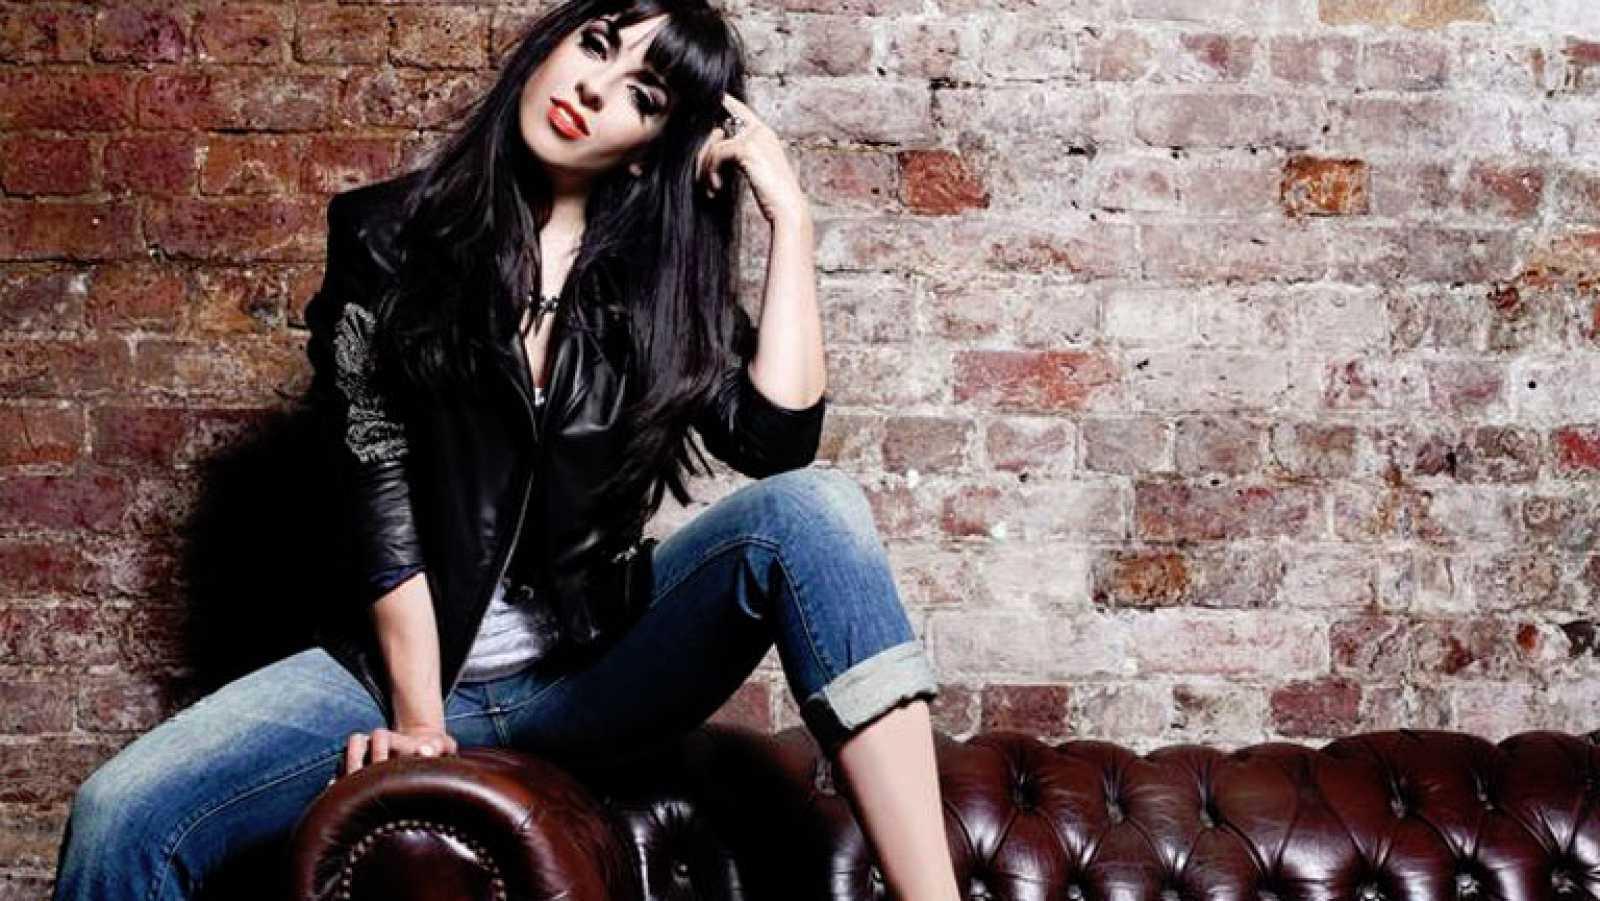 Eurovisión 2014 - Ruth Lorenzo, aspirante a representar a España en Eurovisión